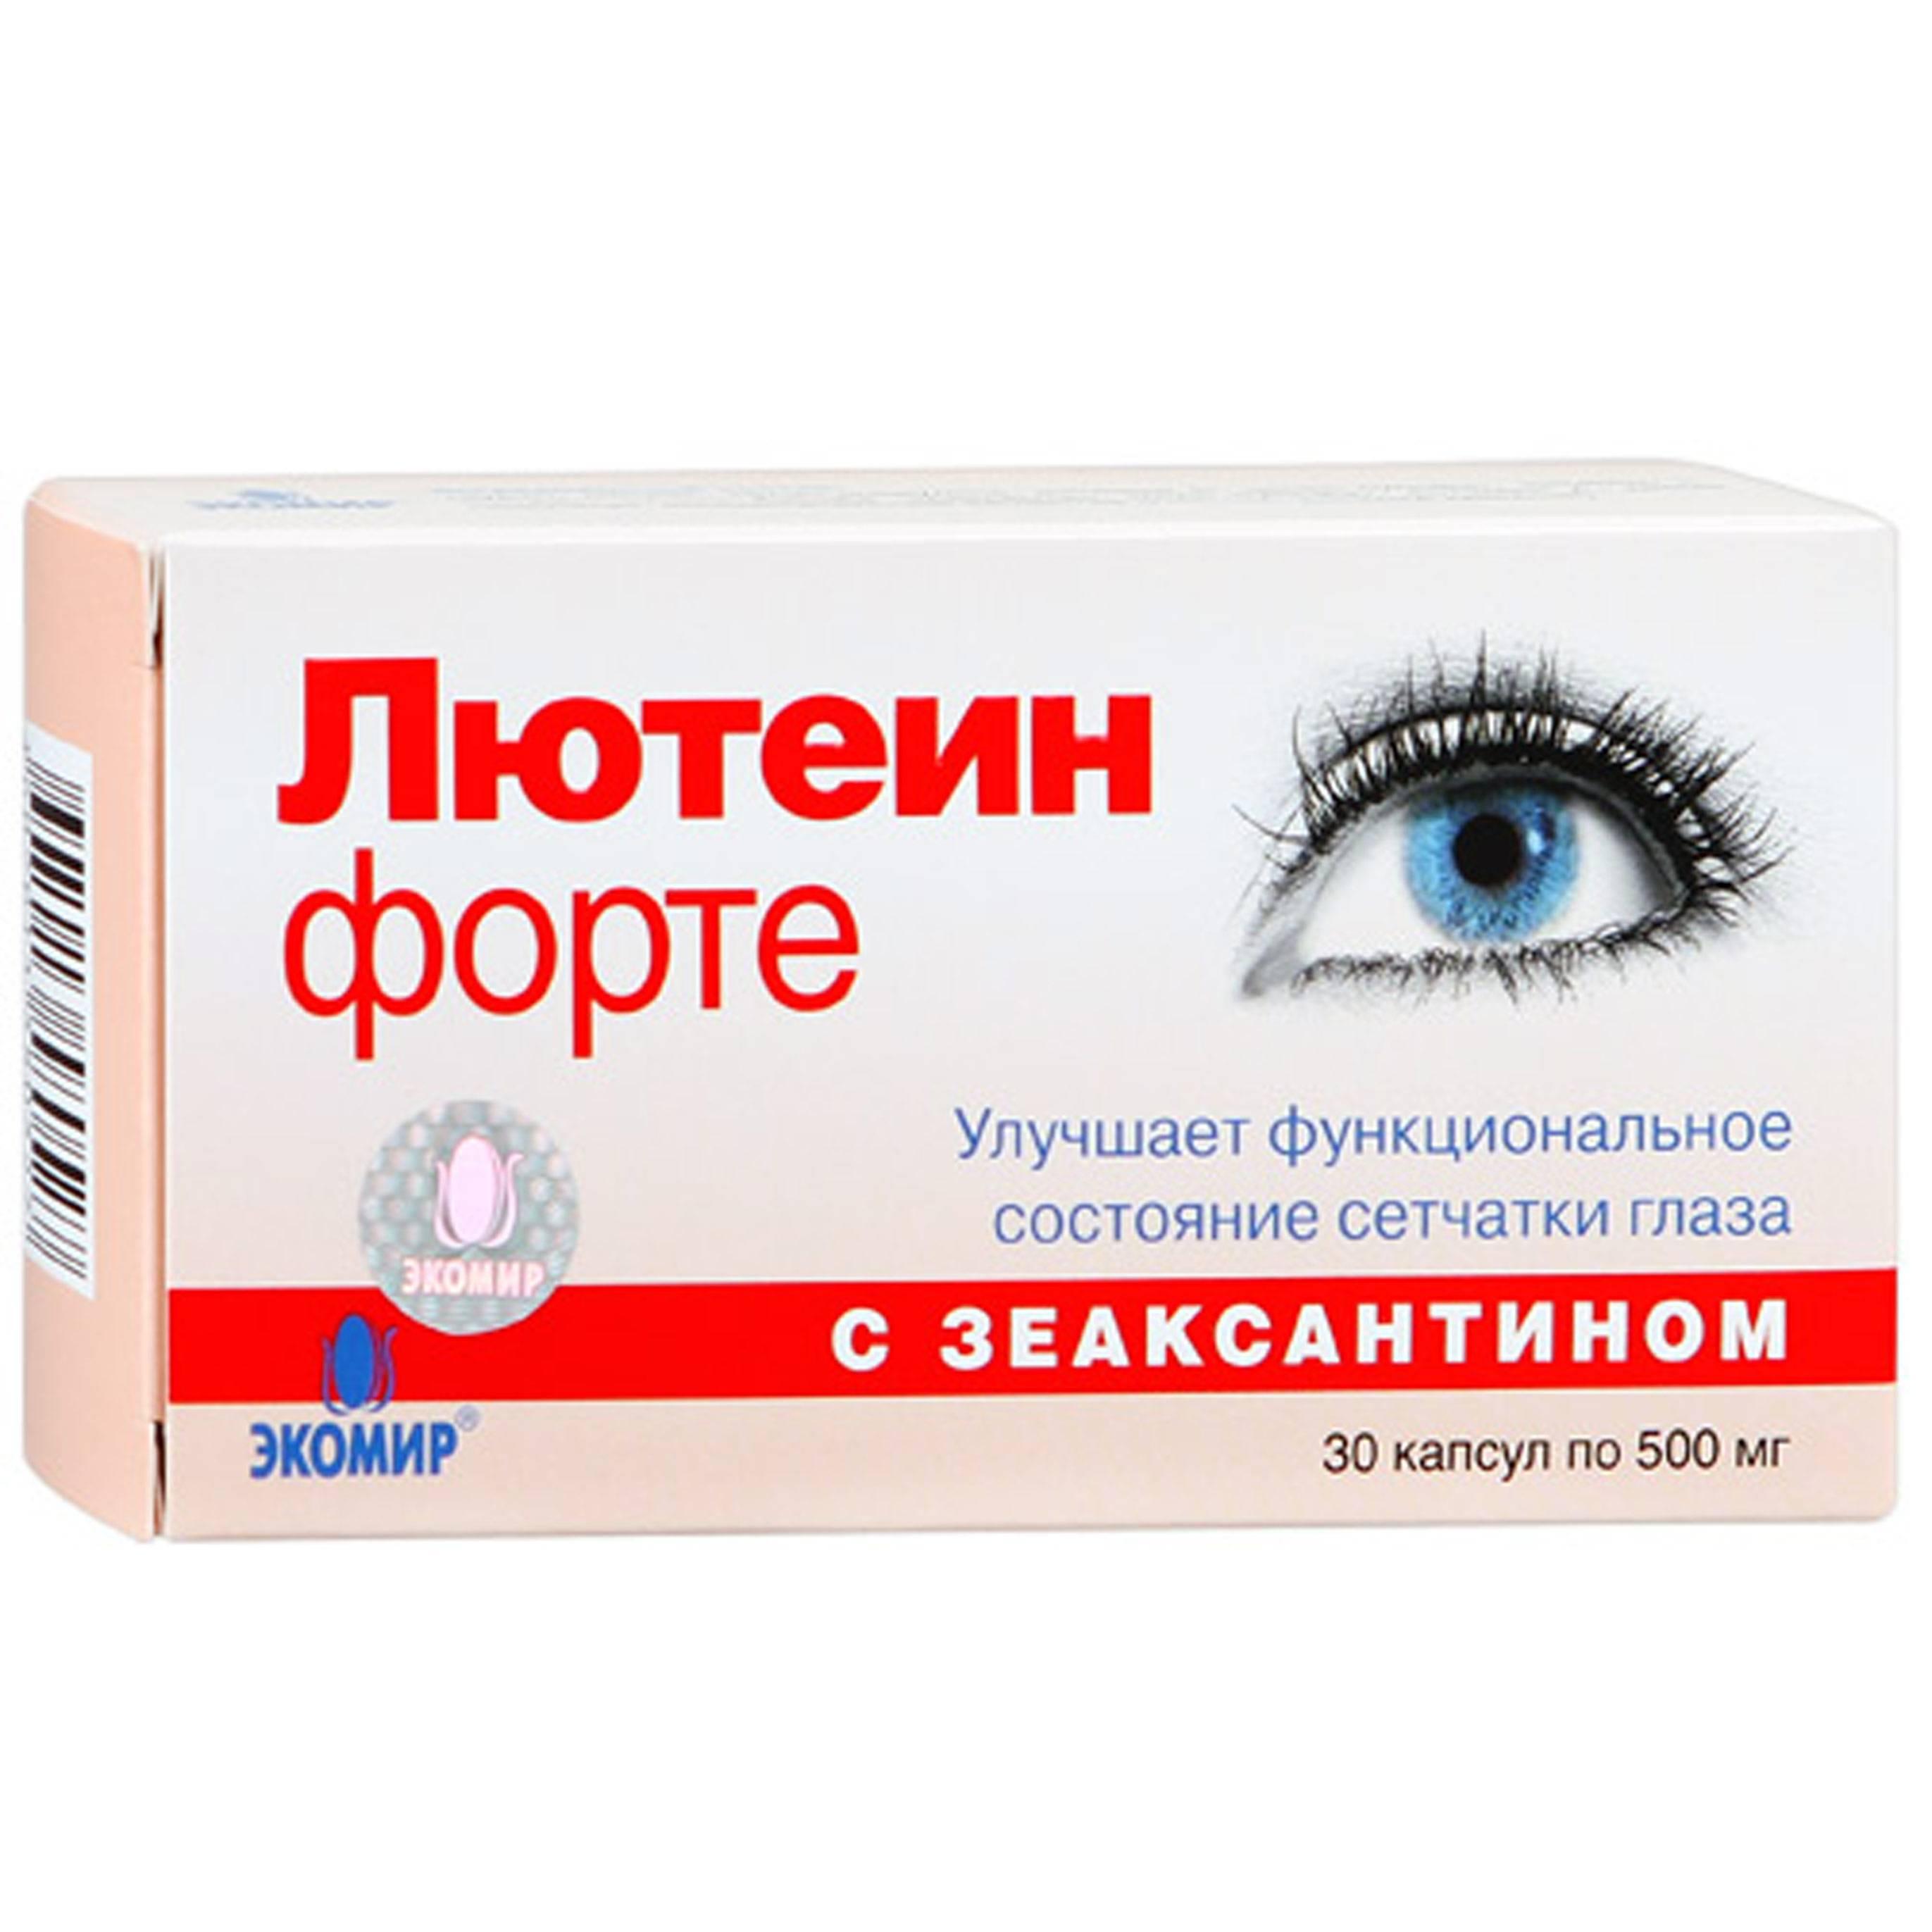 Капли для сетчатки глаза - медицинский справочник medana-st.ru